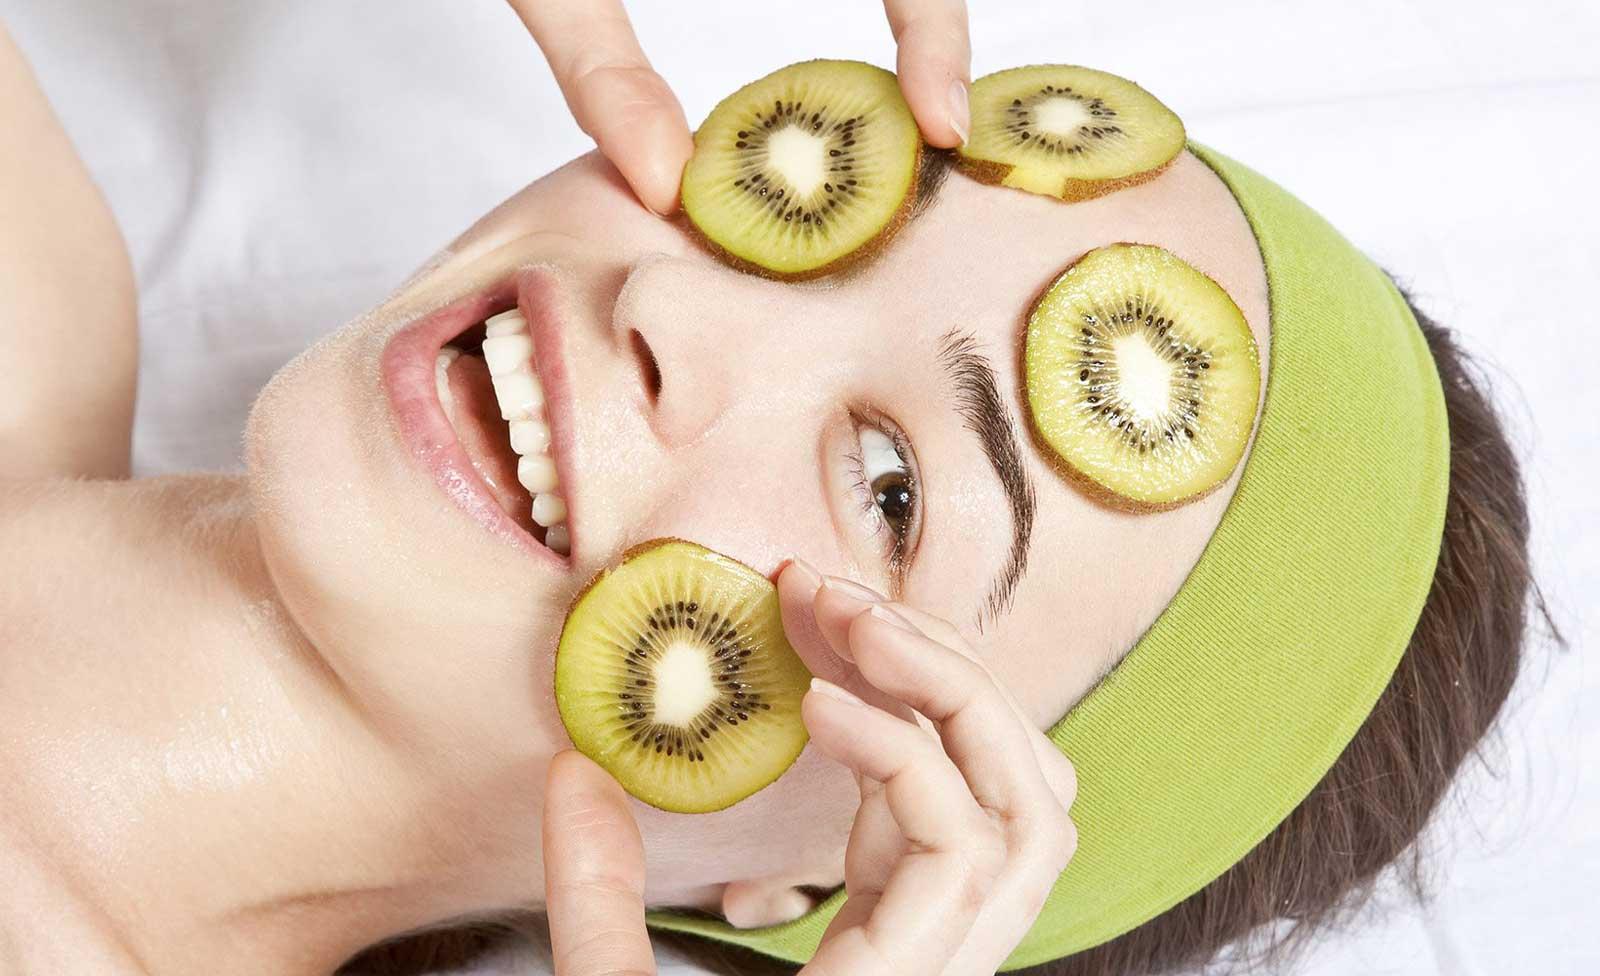 Masque facial au kiwi pour éclaircir la peau